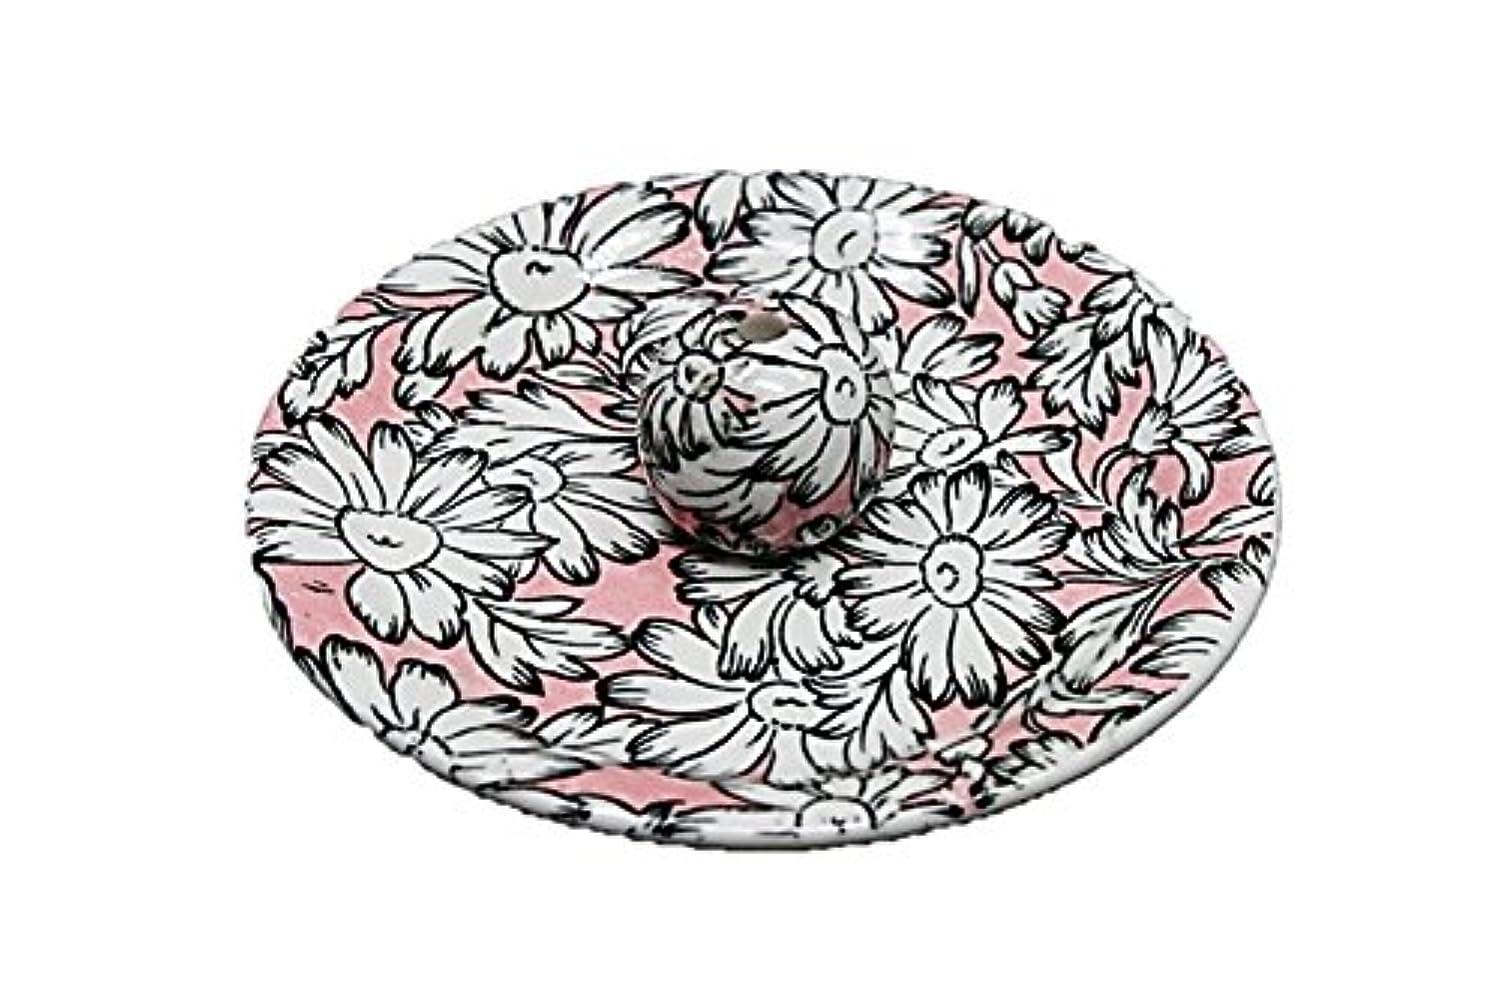 ふくろうつまらない掘る9-22 マーガレットピンク 9cm香皿 お香立て お香たて 陶器 日本製 製造?直売品